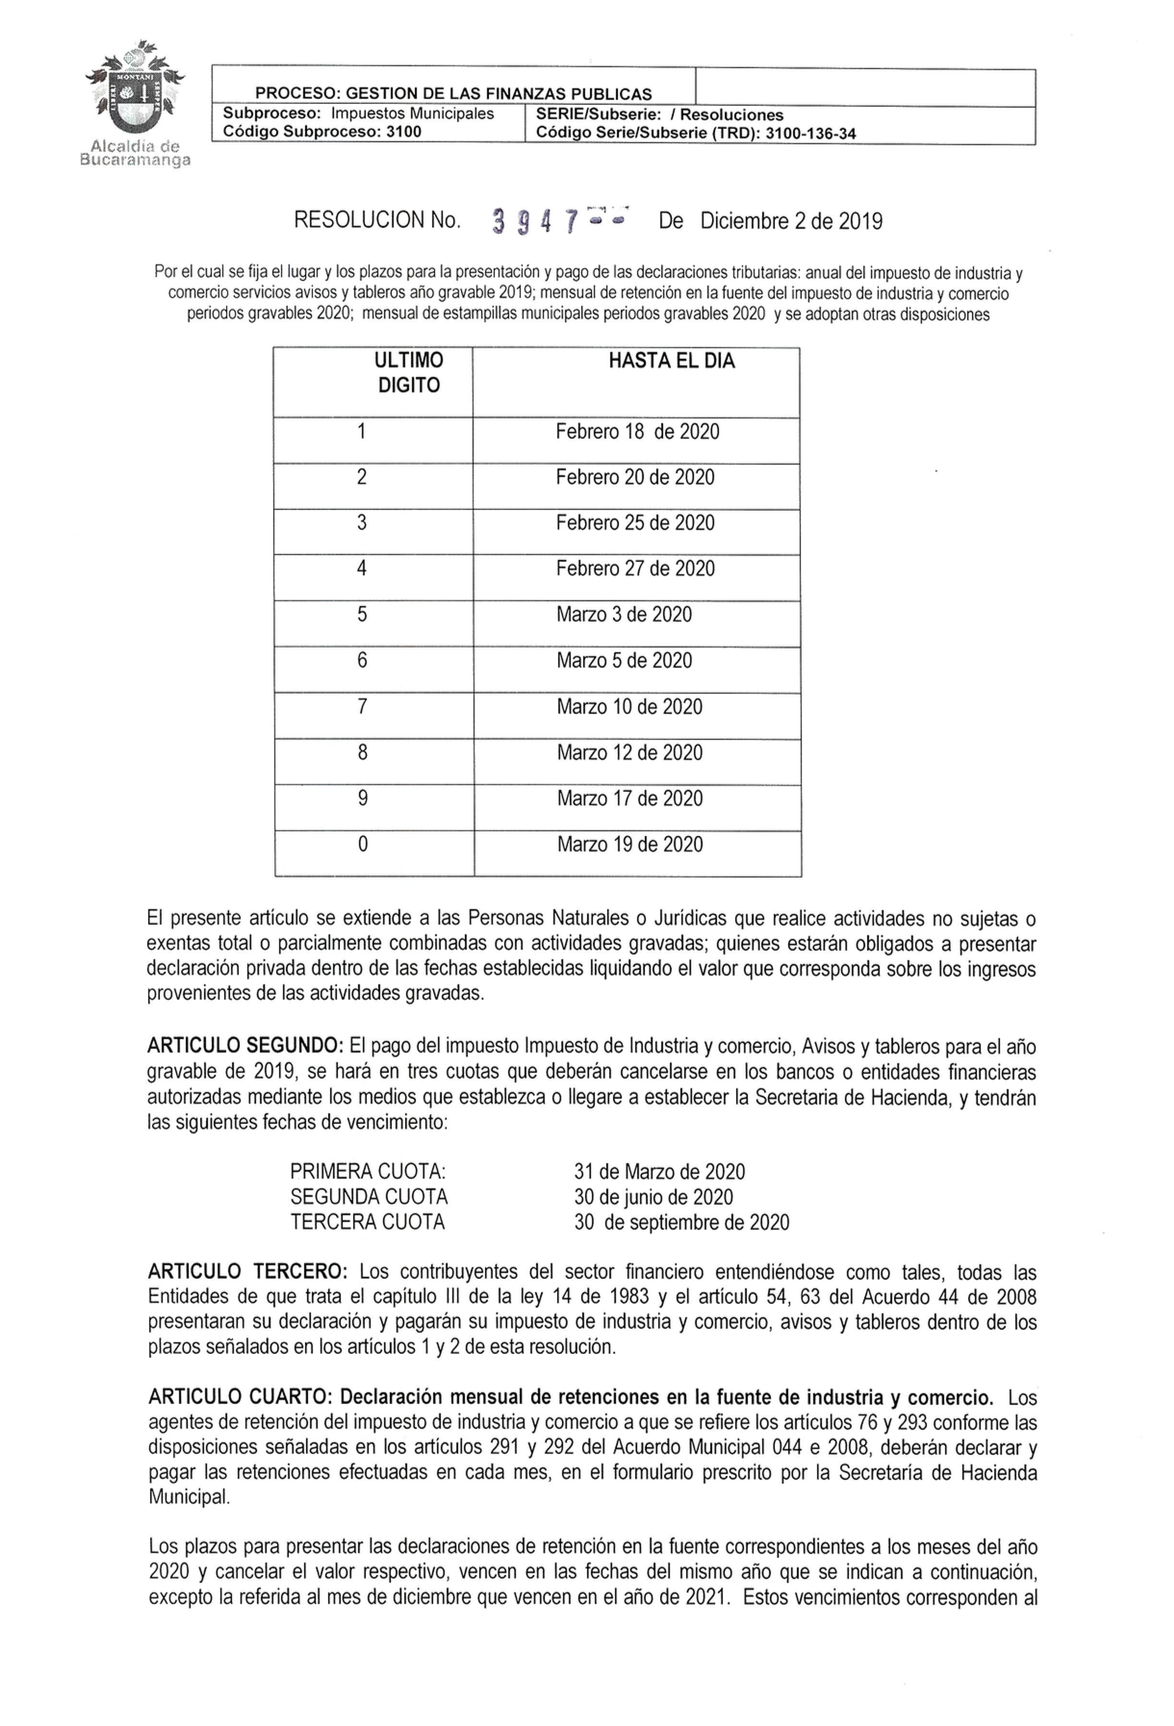 Descargar Impuesto Predial, Impuesto Industria y Comercio Bucaramanga 2020